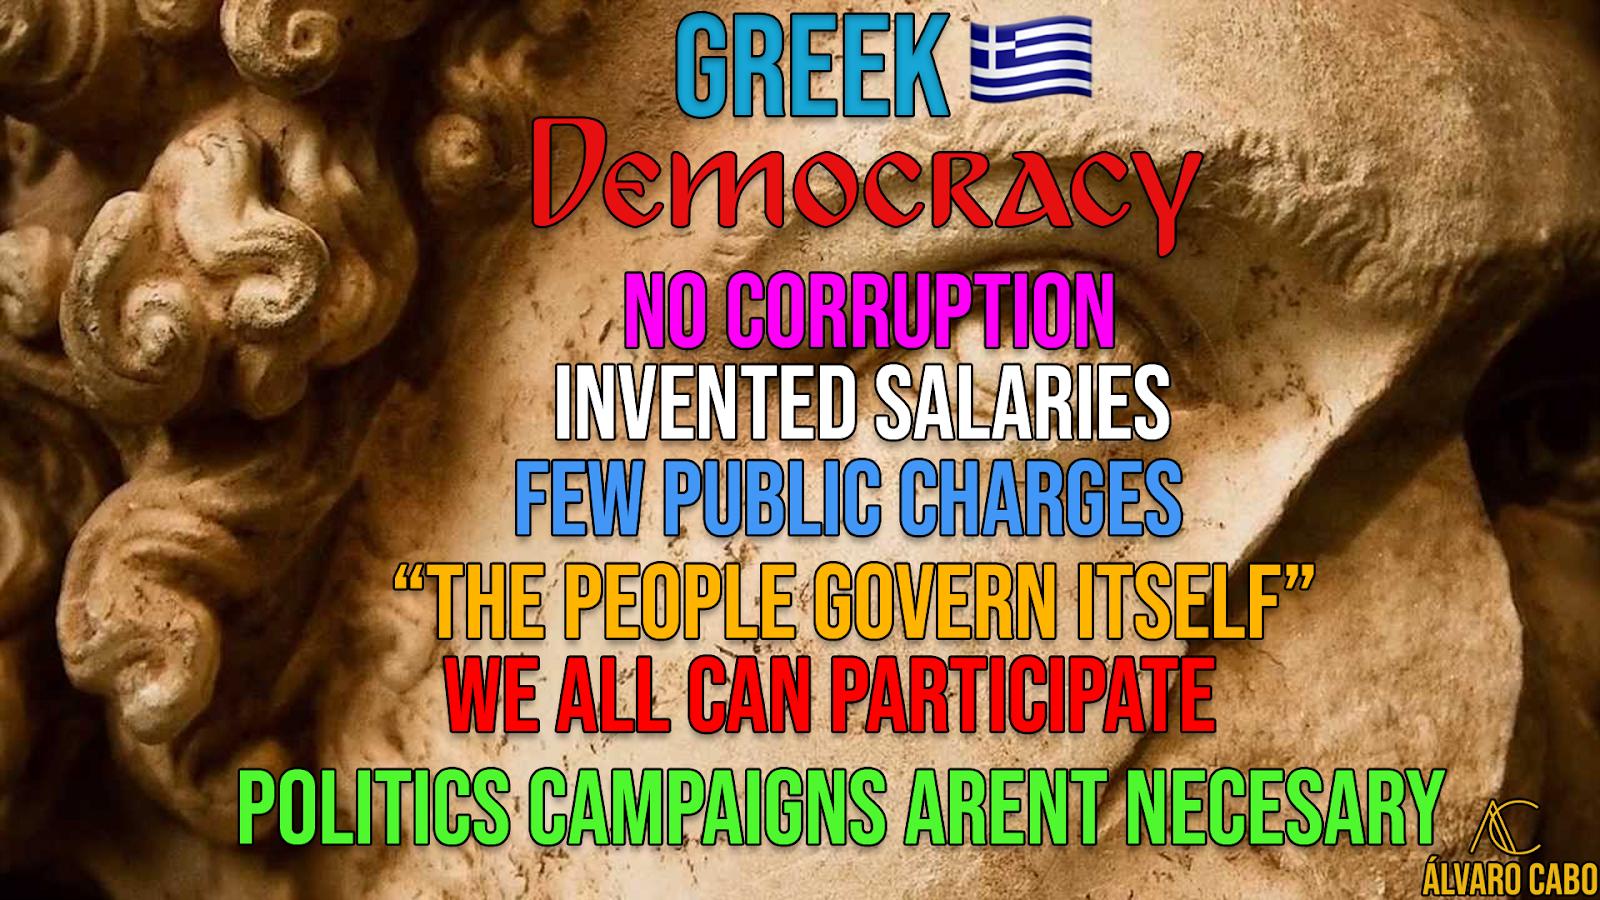 Mi país a través de mis ojos ©: Why we don't live in Democracy